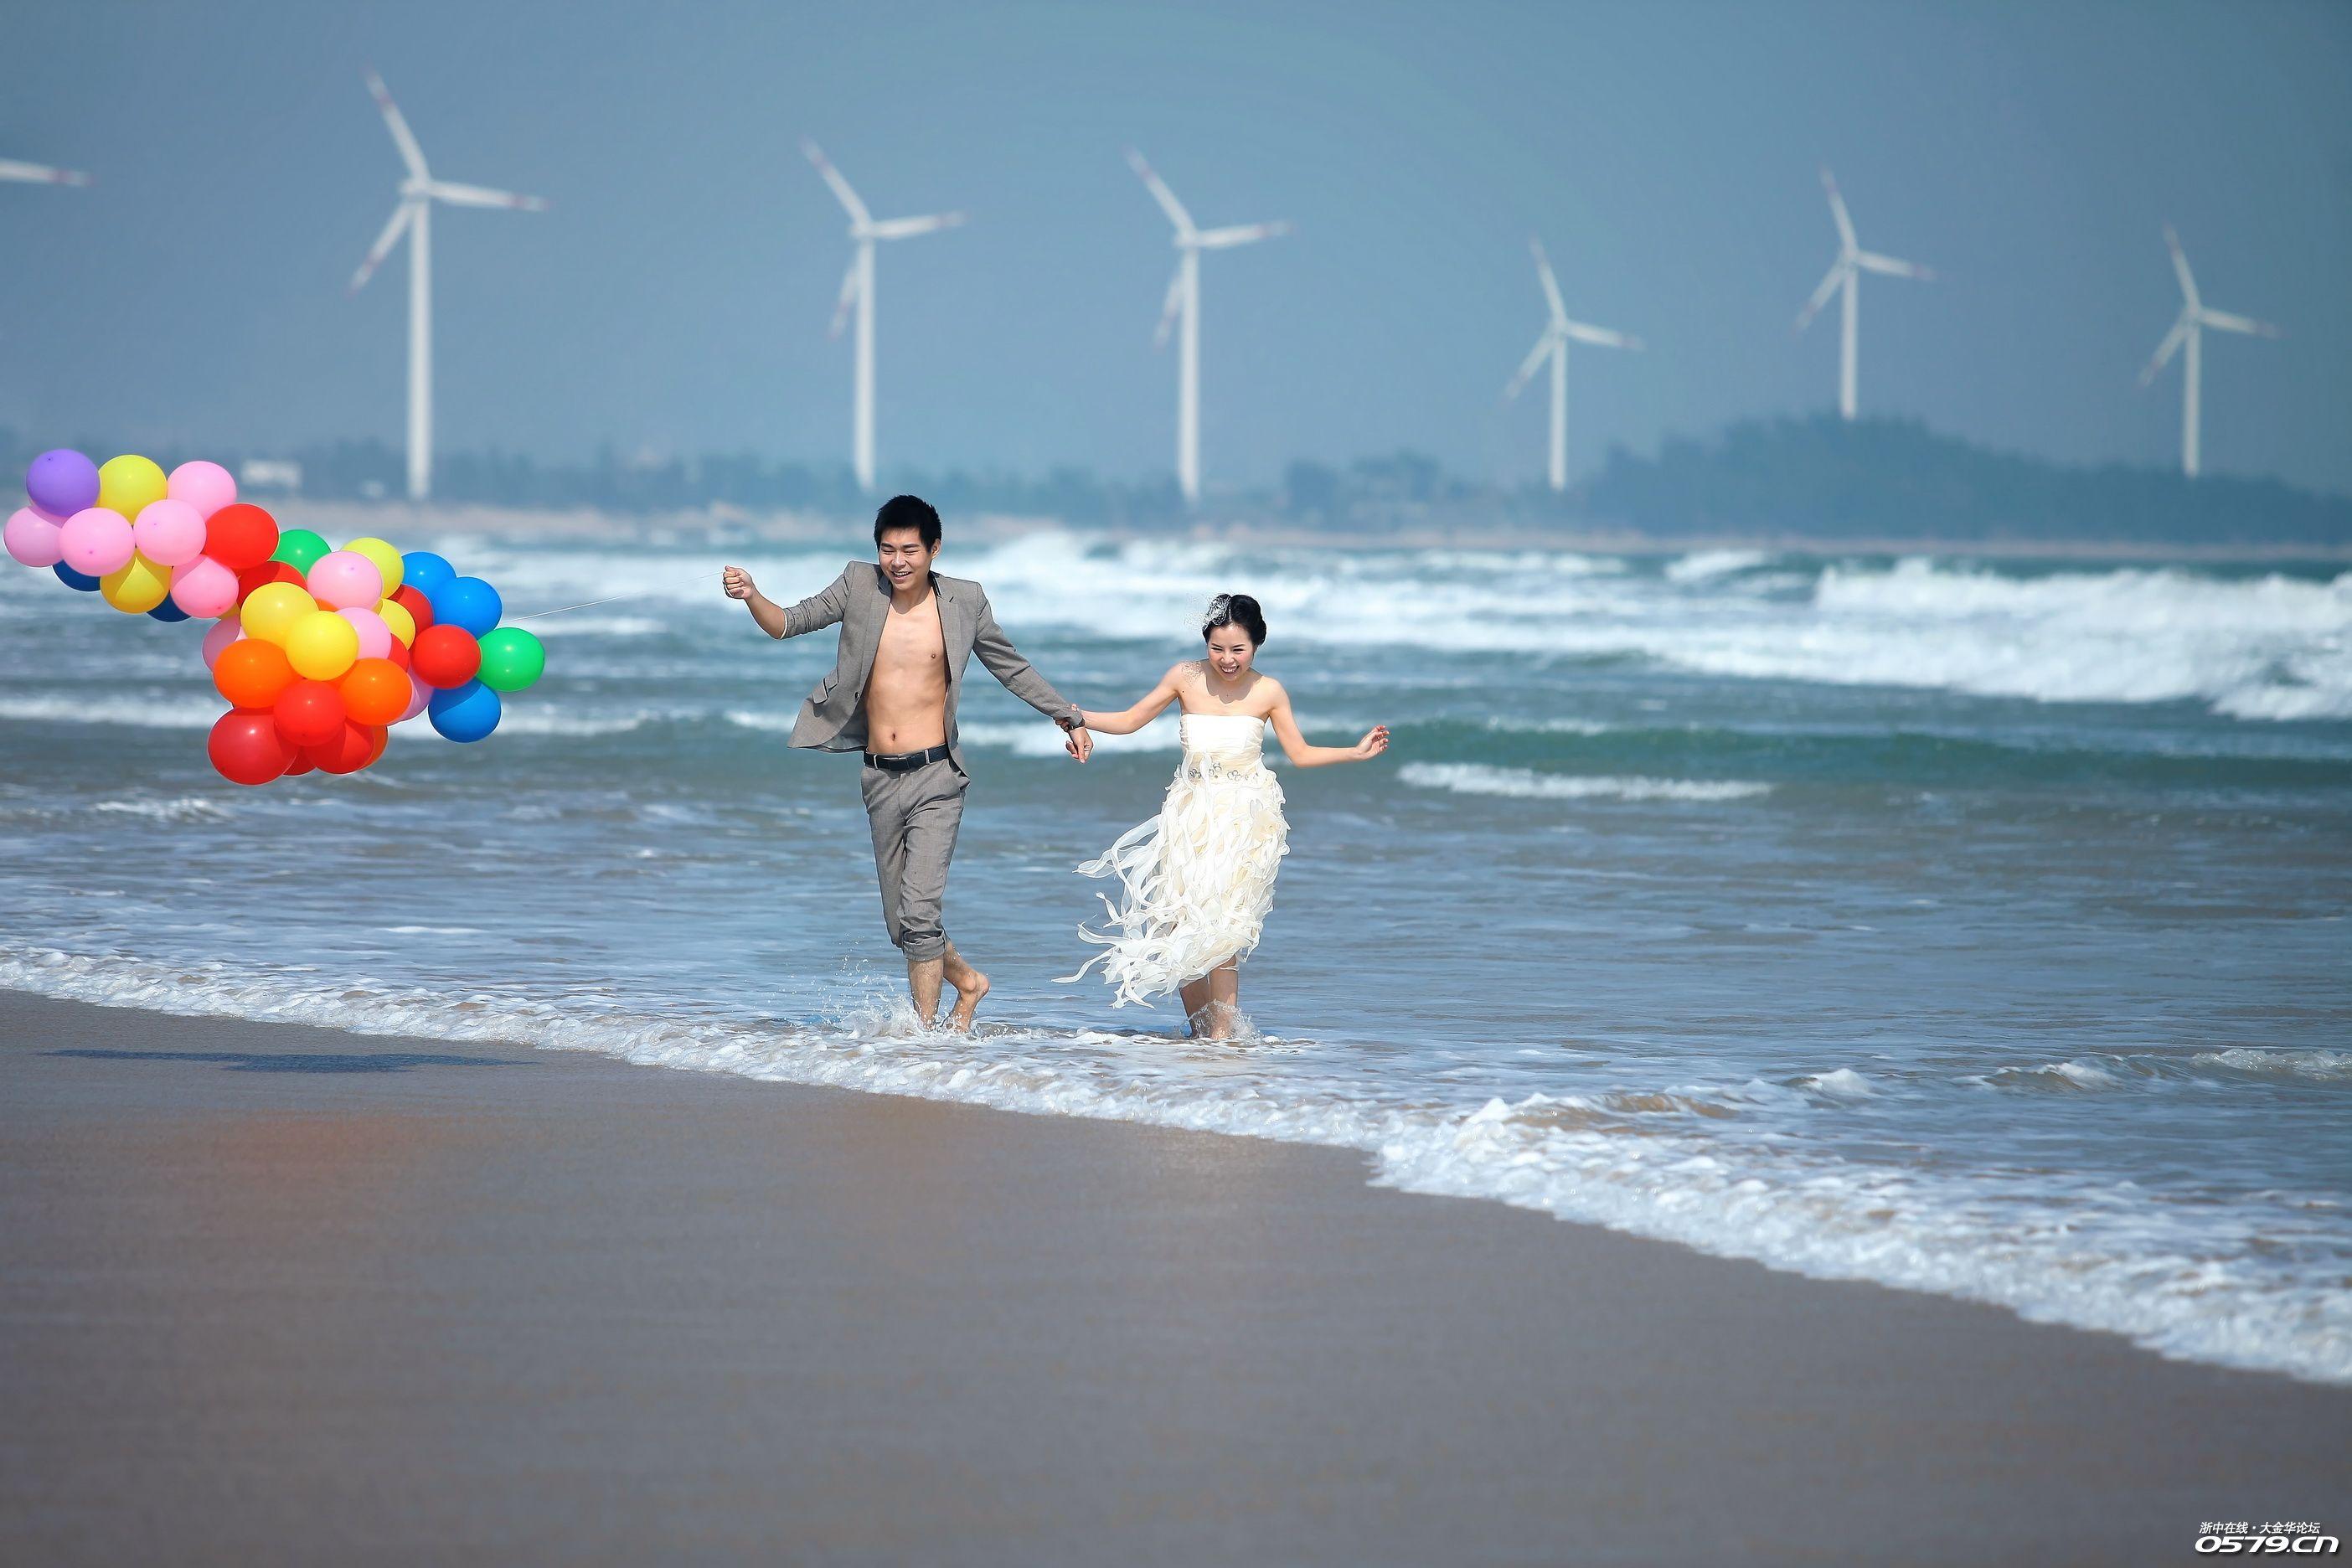 海边小清新风景物流